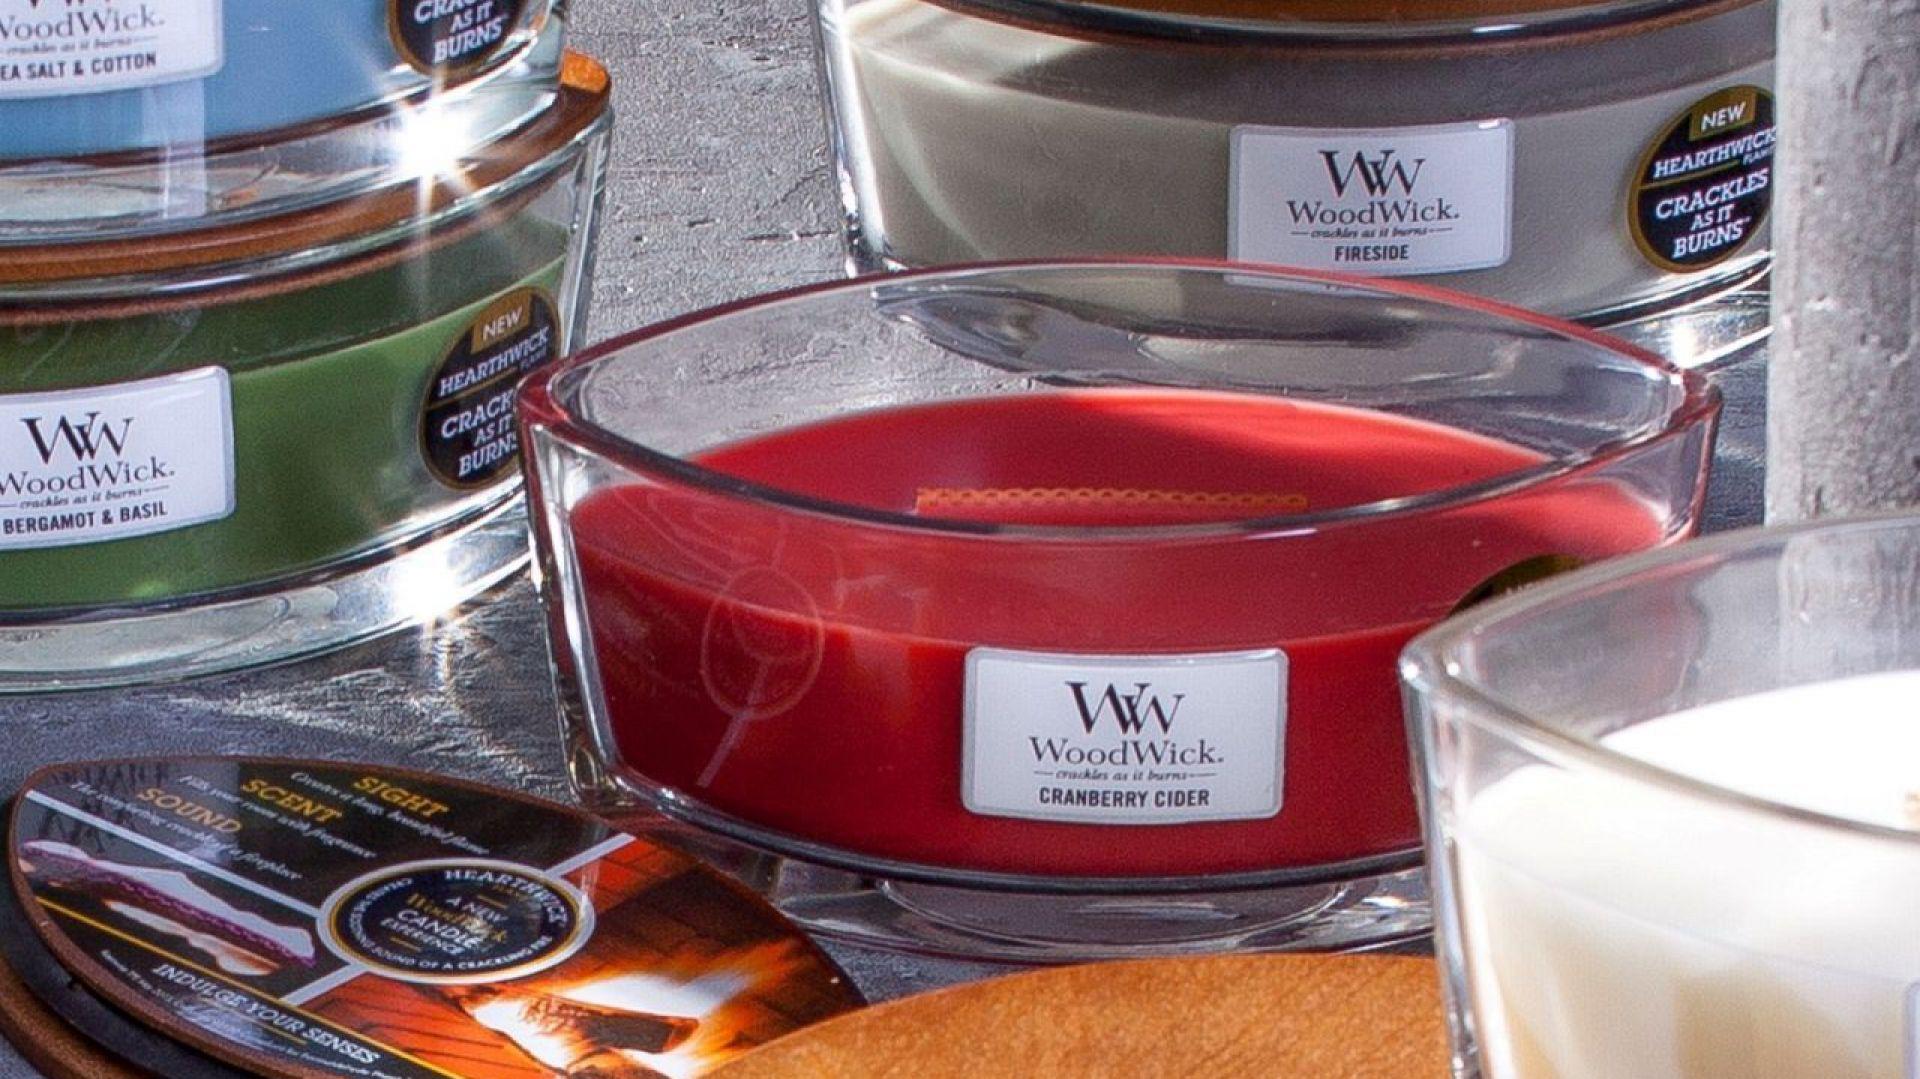 Prezenty na Dzień Matki. Świeca Hearthwick Flame Cranberry Cider. Fot. Dekoria.pl